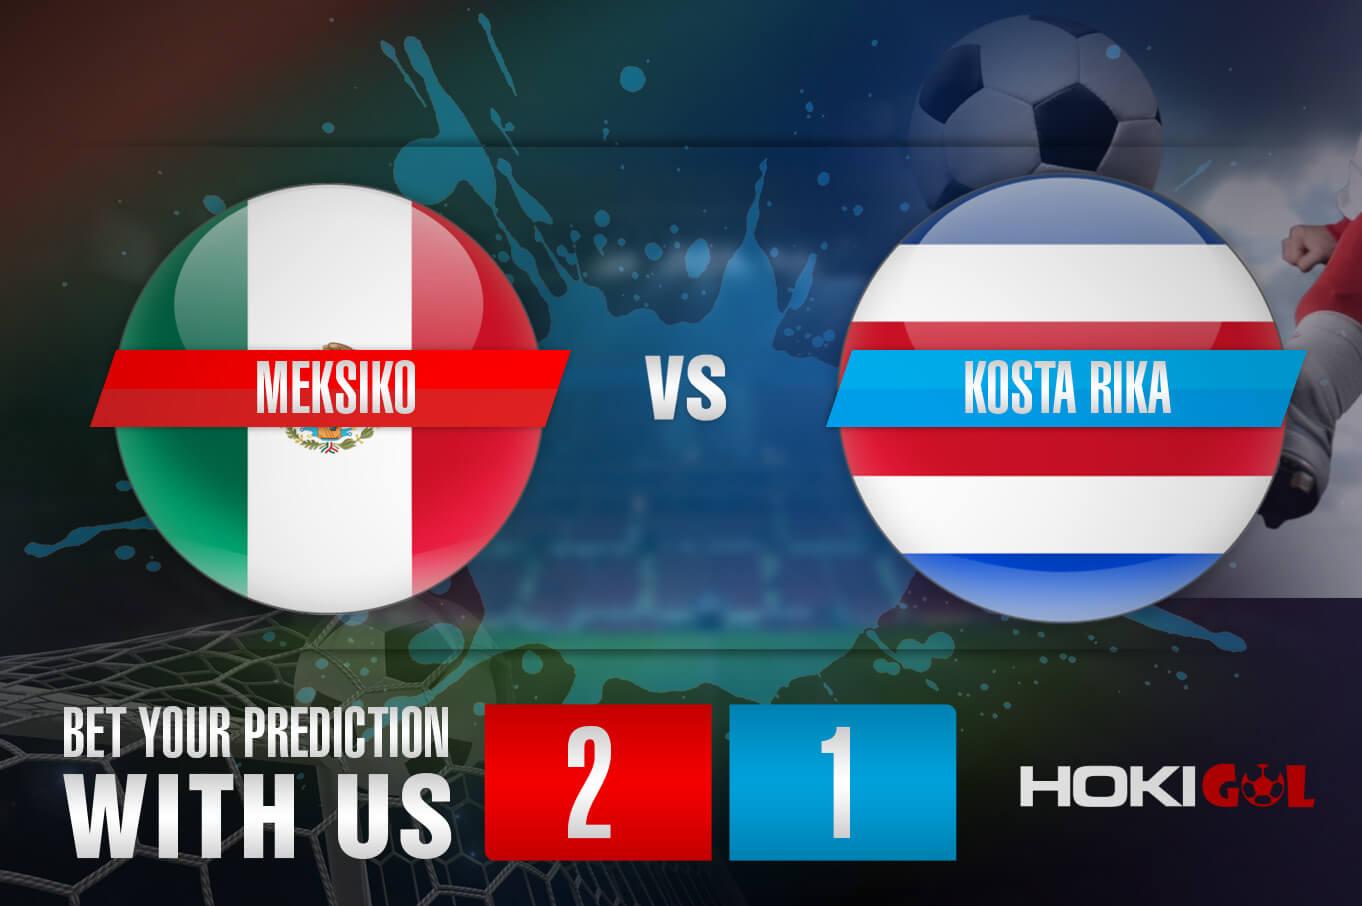 Prediksi Bola Meksiko Vs Kosta Rika 4 Juni 2021